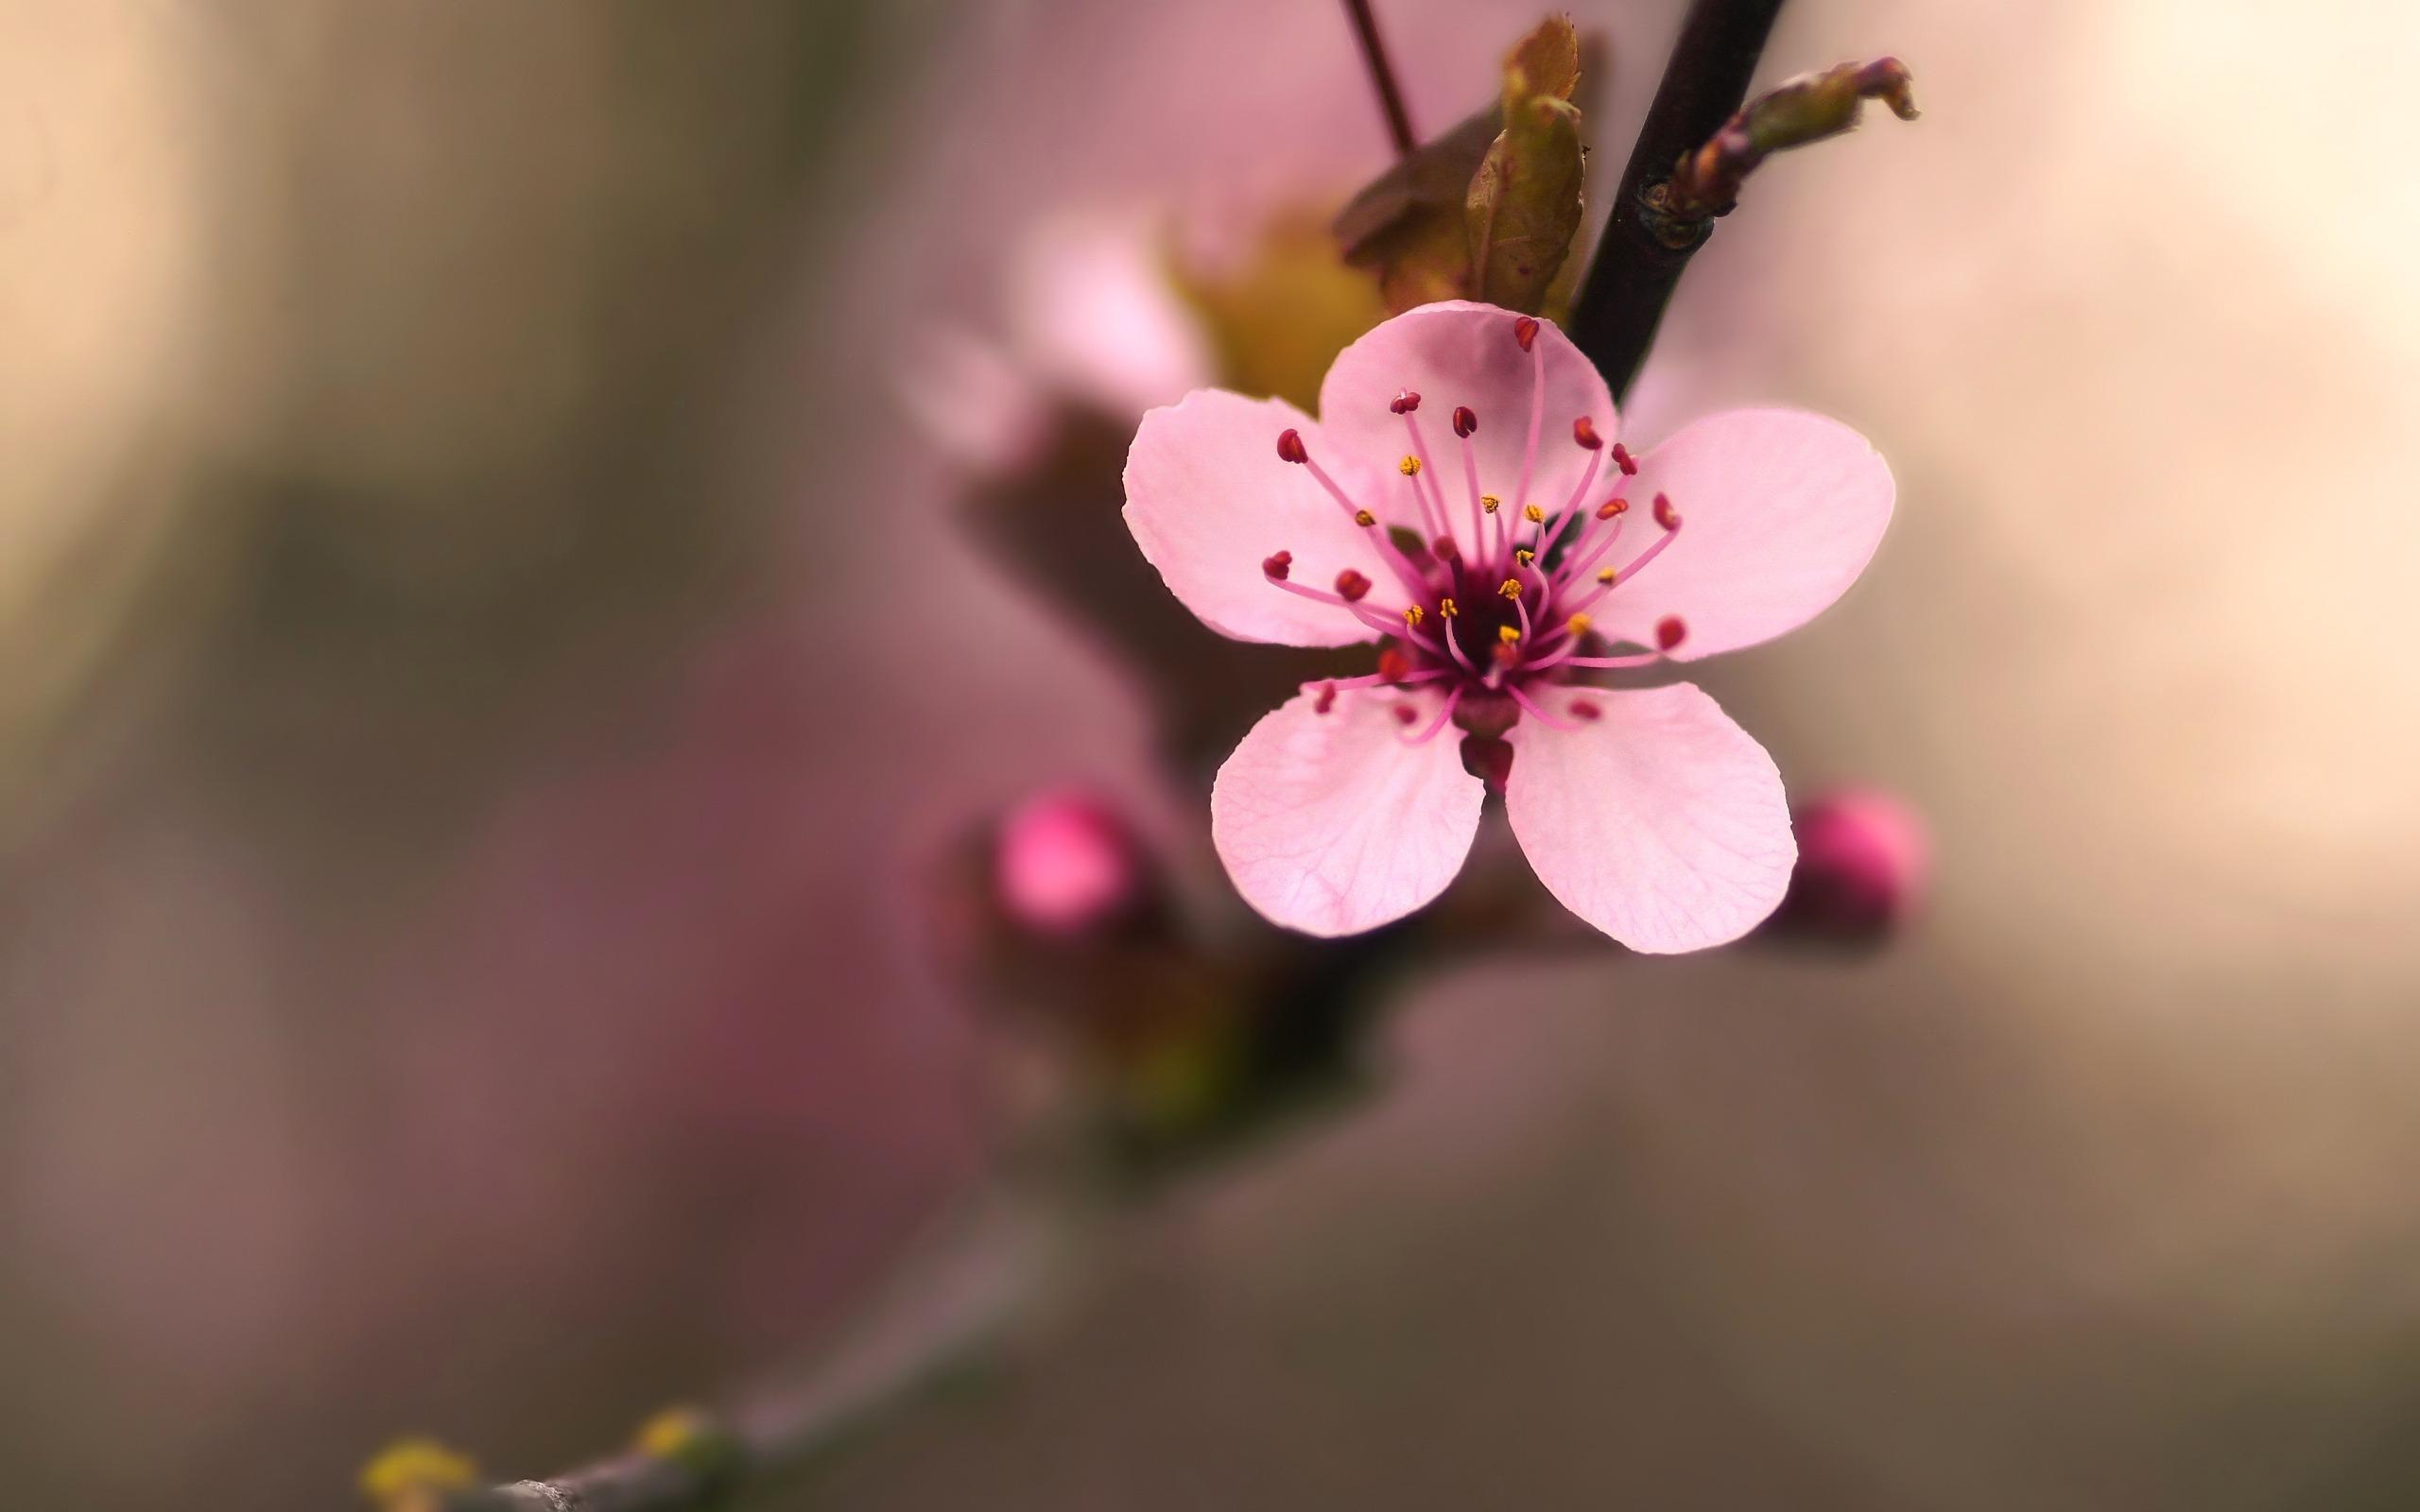 цветок, макро, розовый, природа, растения  № 695901 бесплатно